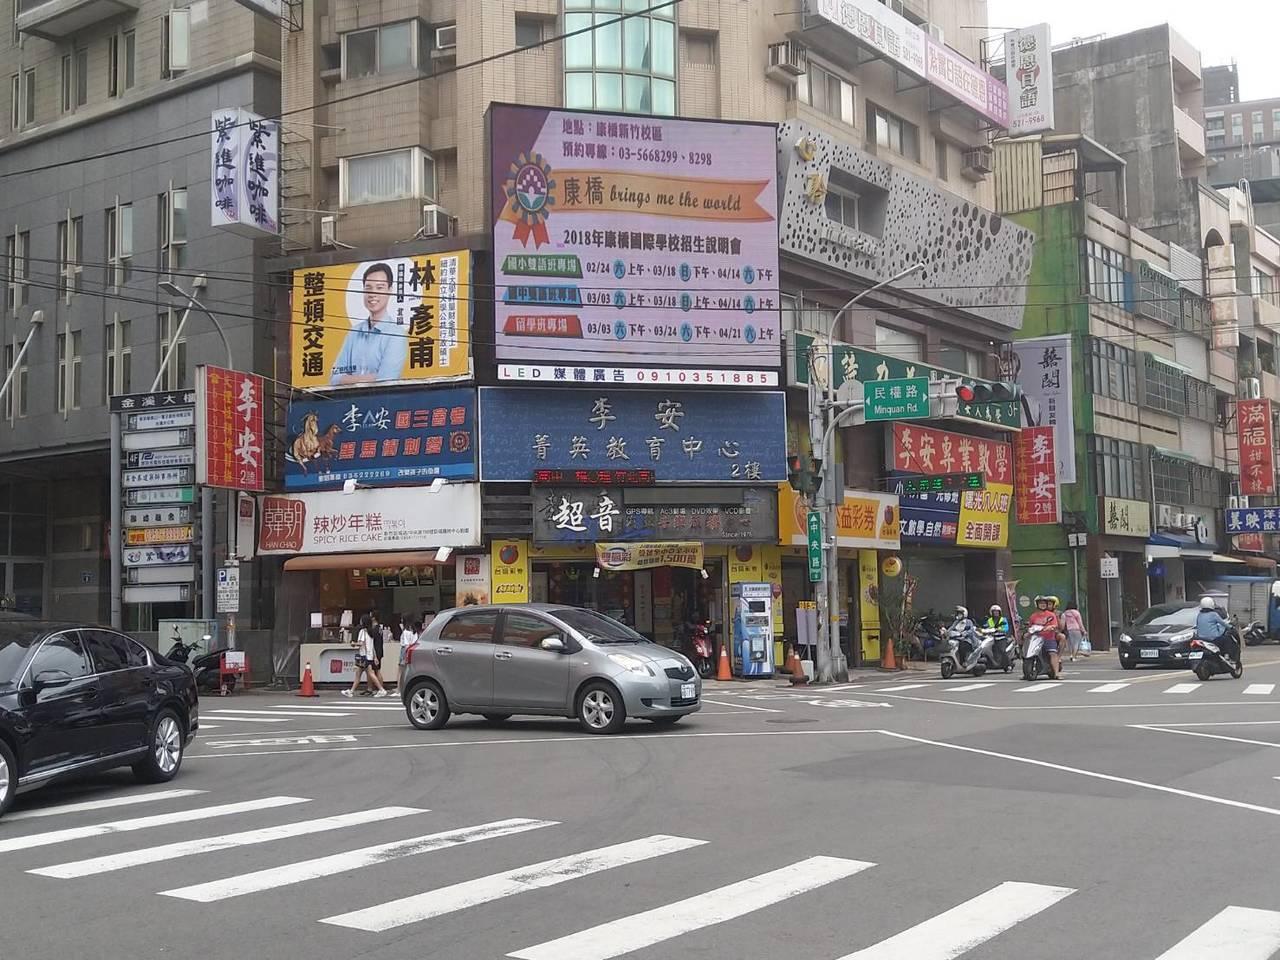 時代力量新竹市北區市議員參選人林彥甫是清華大學校友,在巨城購物中心附近掛上廣告看...